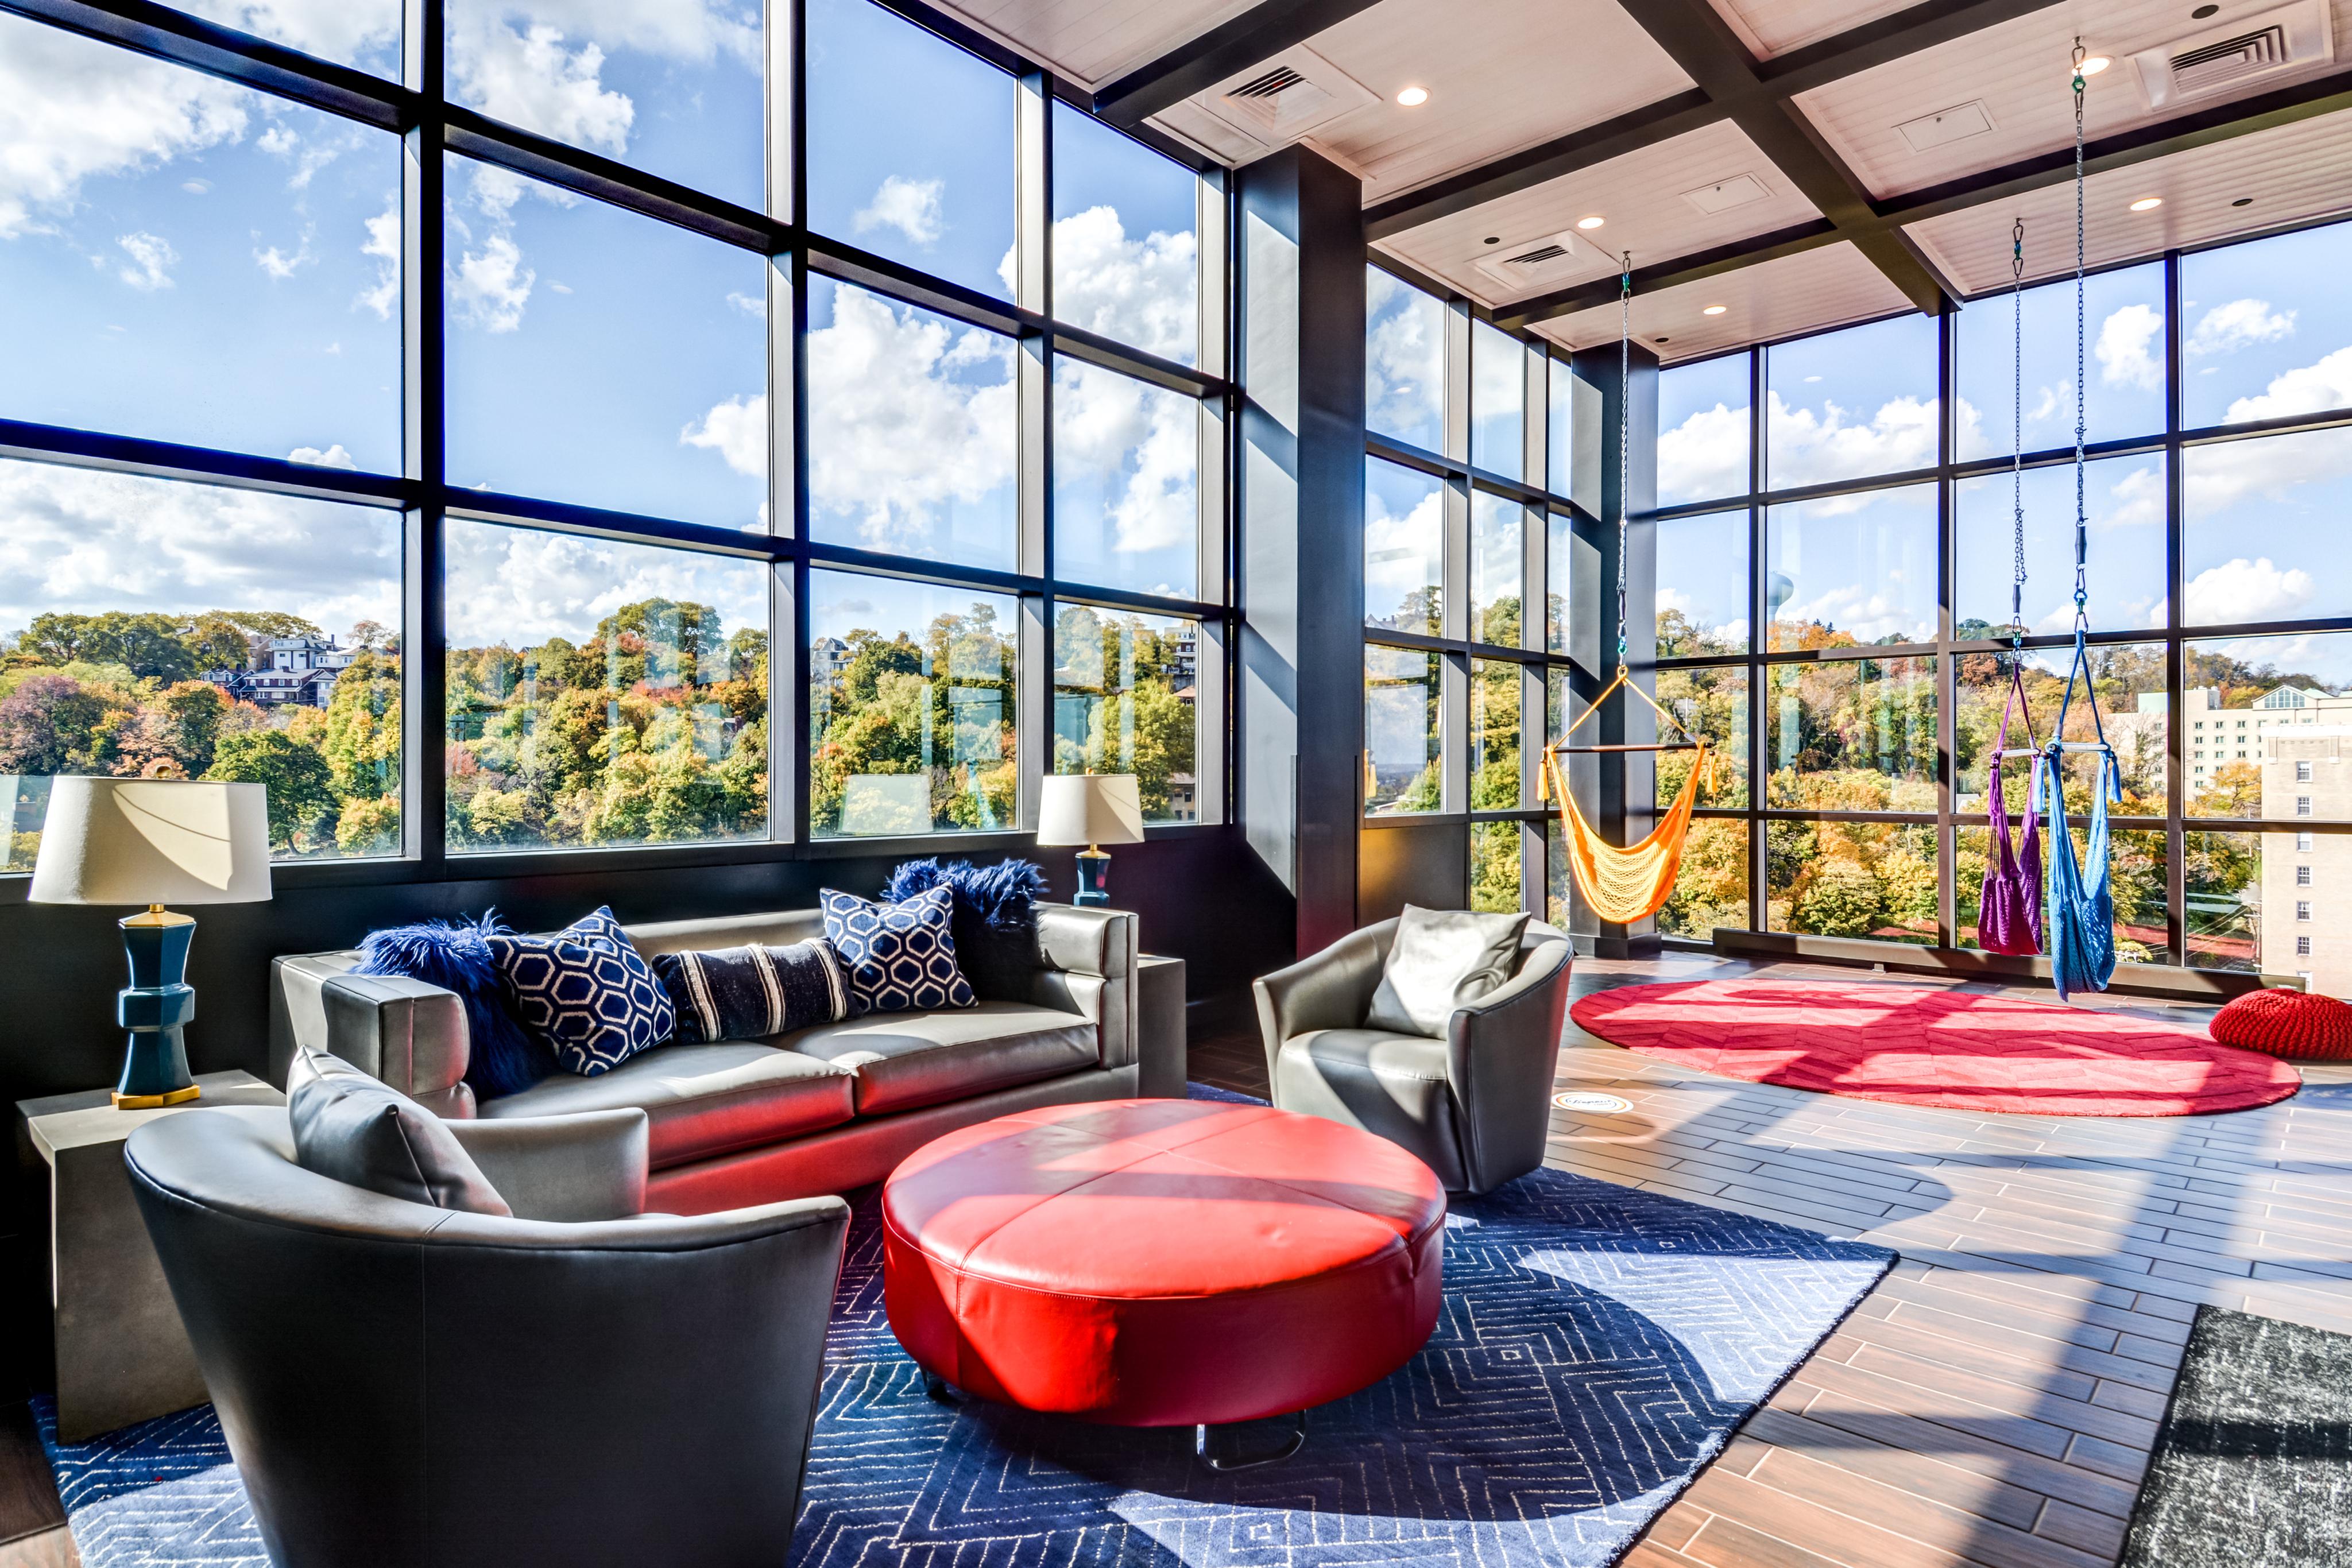 sky lounge swings